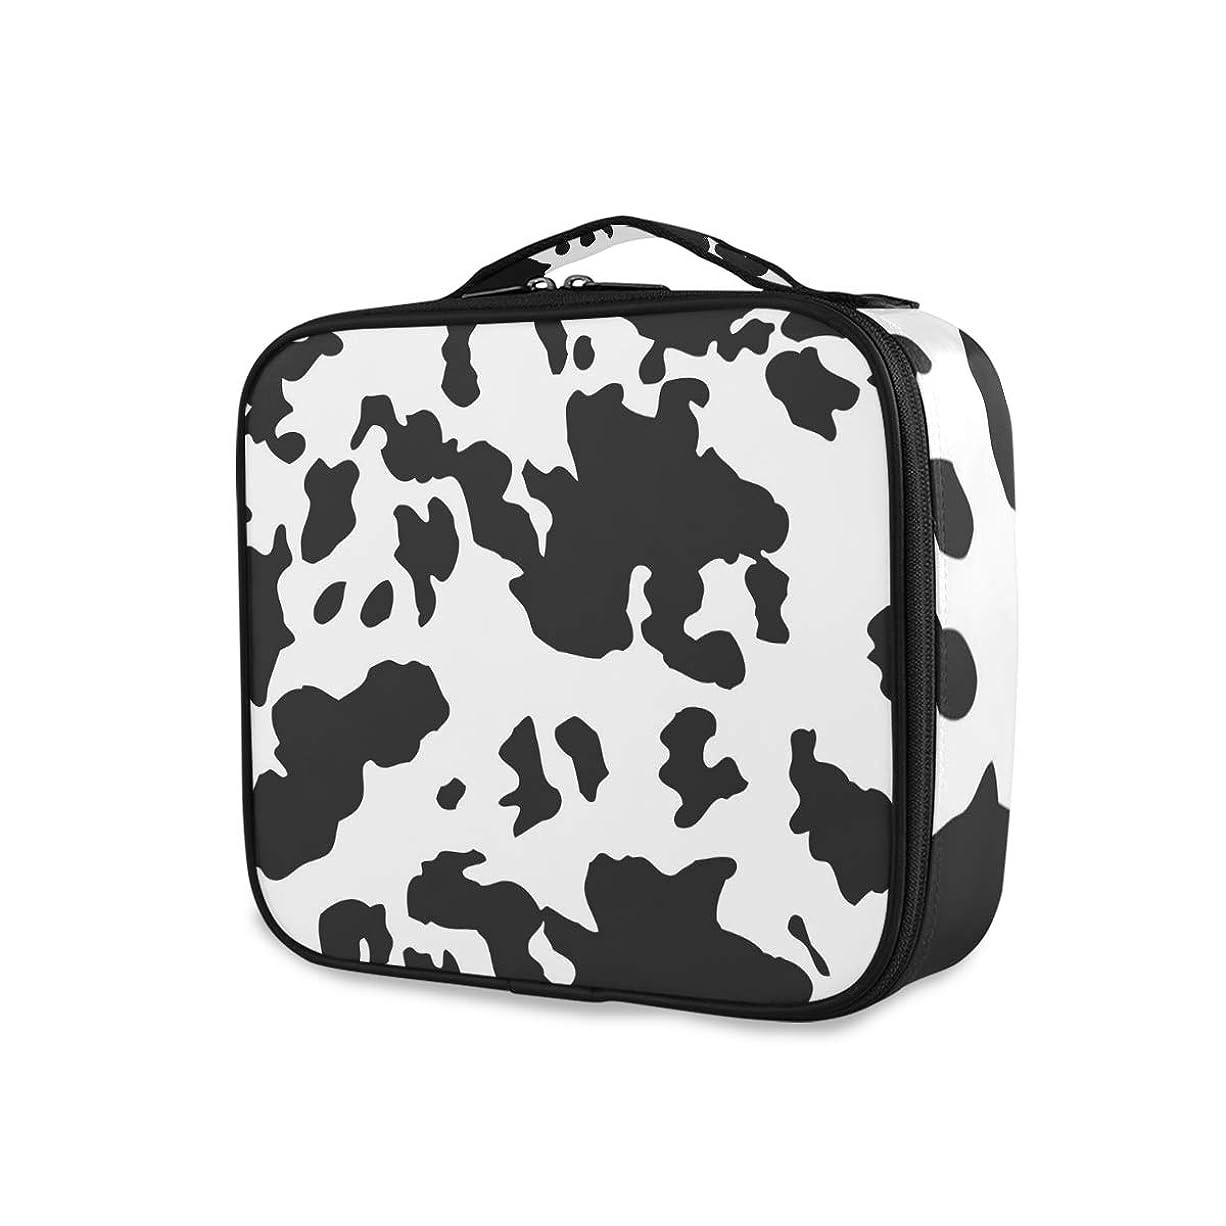 便宜グレートバリアリーフ哲学的(VAWA) メイクボックス 大容量 プロ用 かわいい 牛柄 アニマル柄 黒白 化粧箱 機能的 コスメ収納 ブラシバッグ 調整可能 旅行出張用